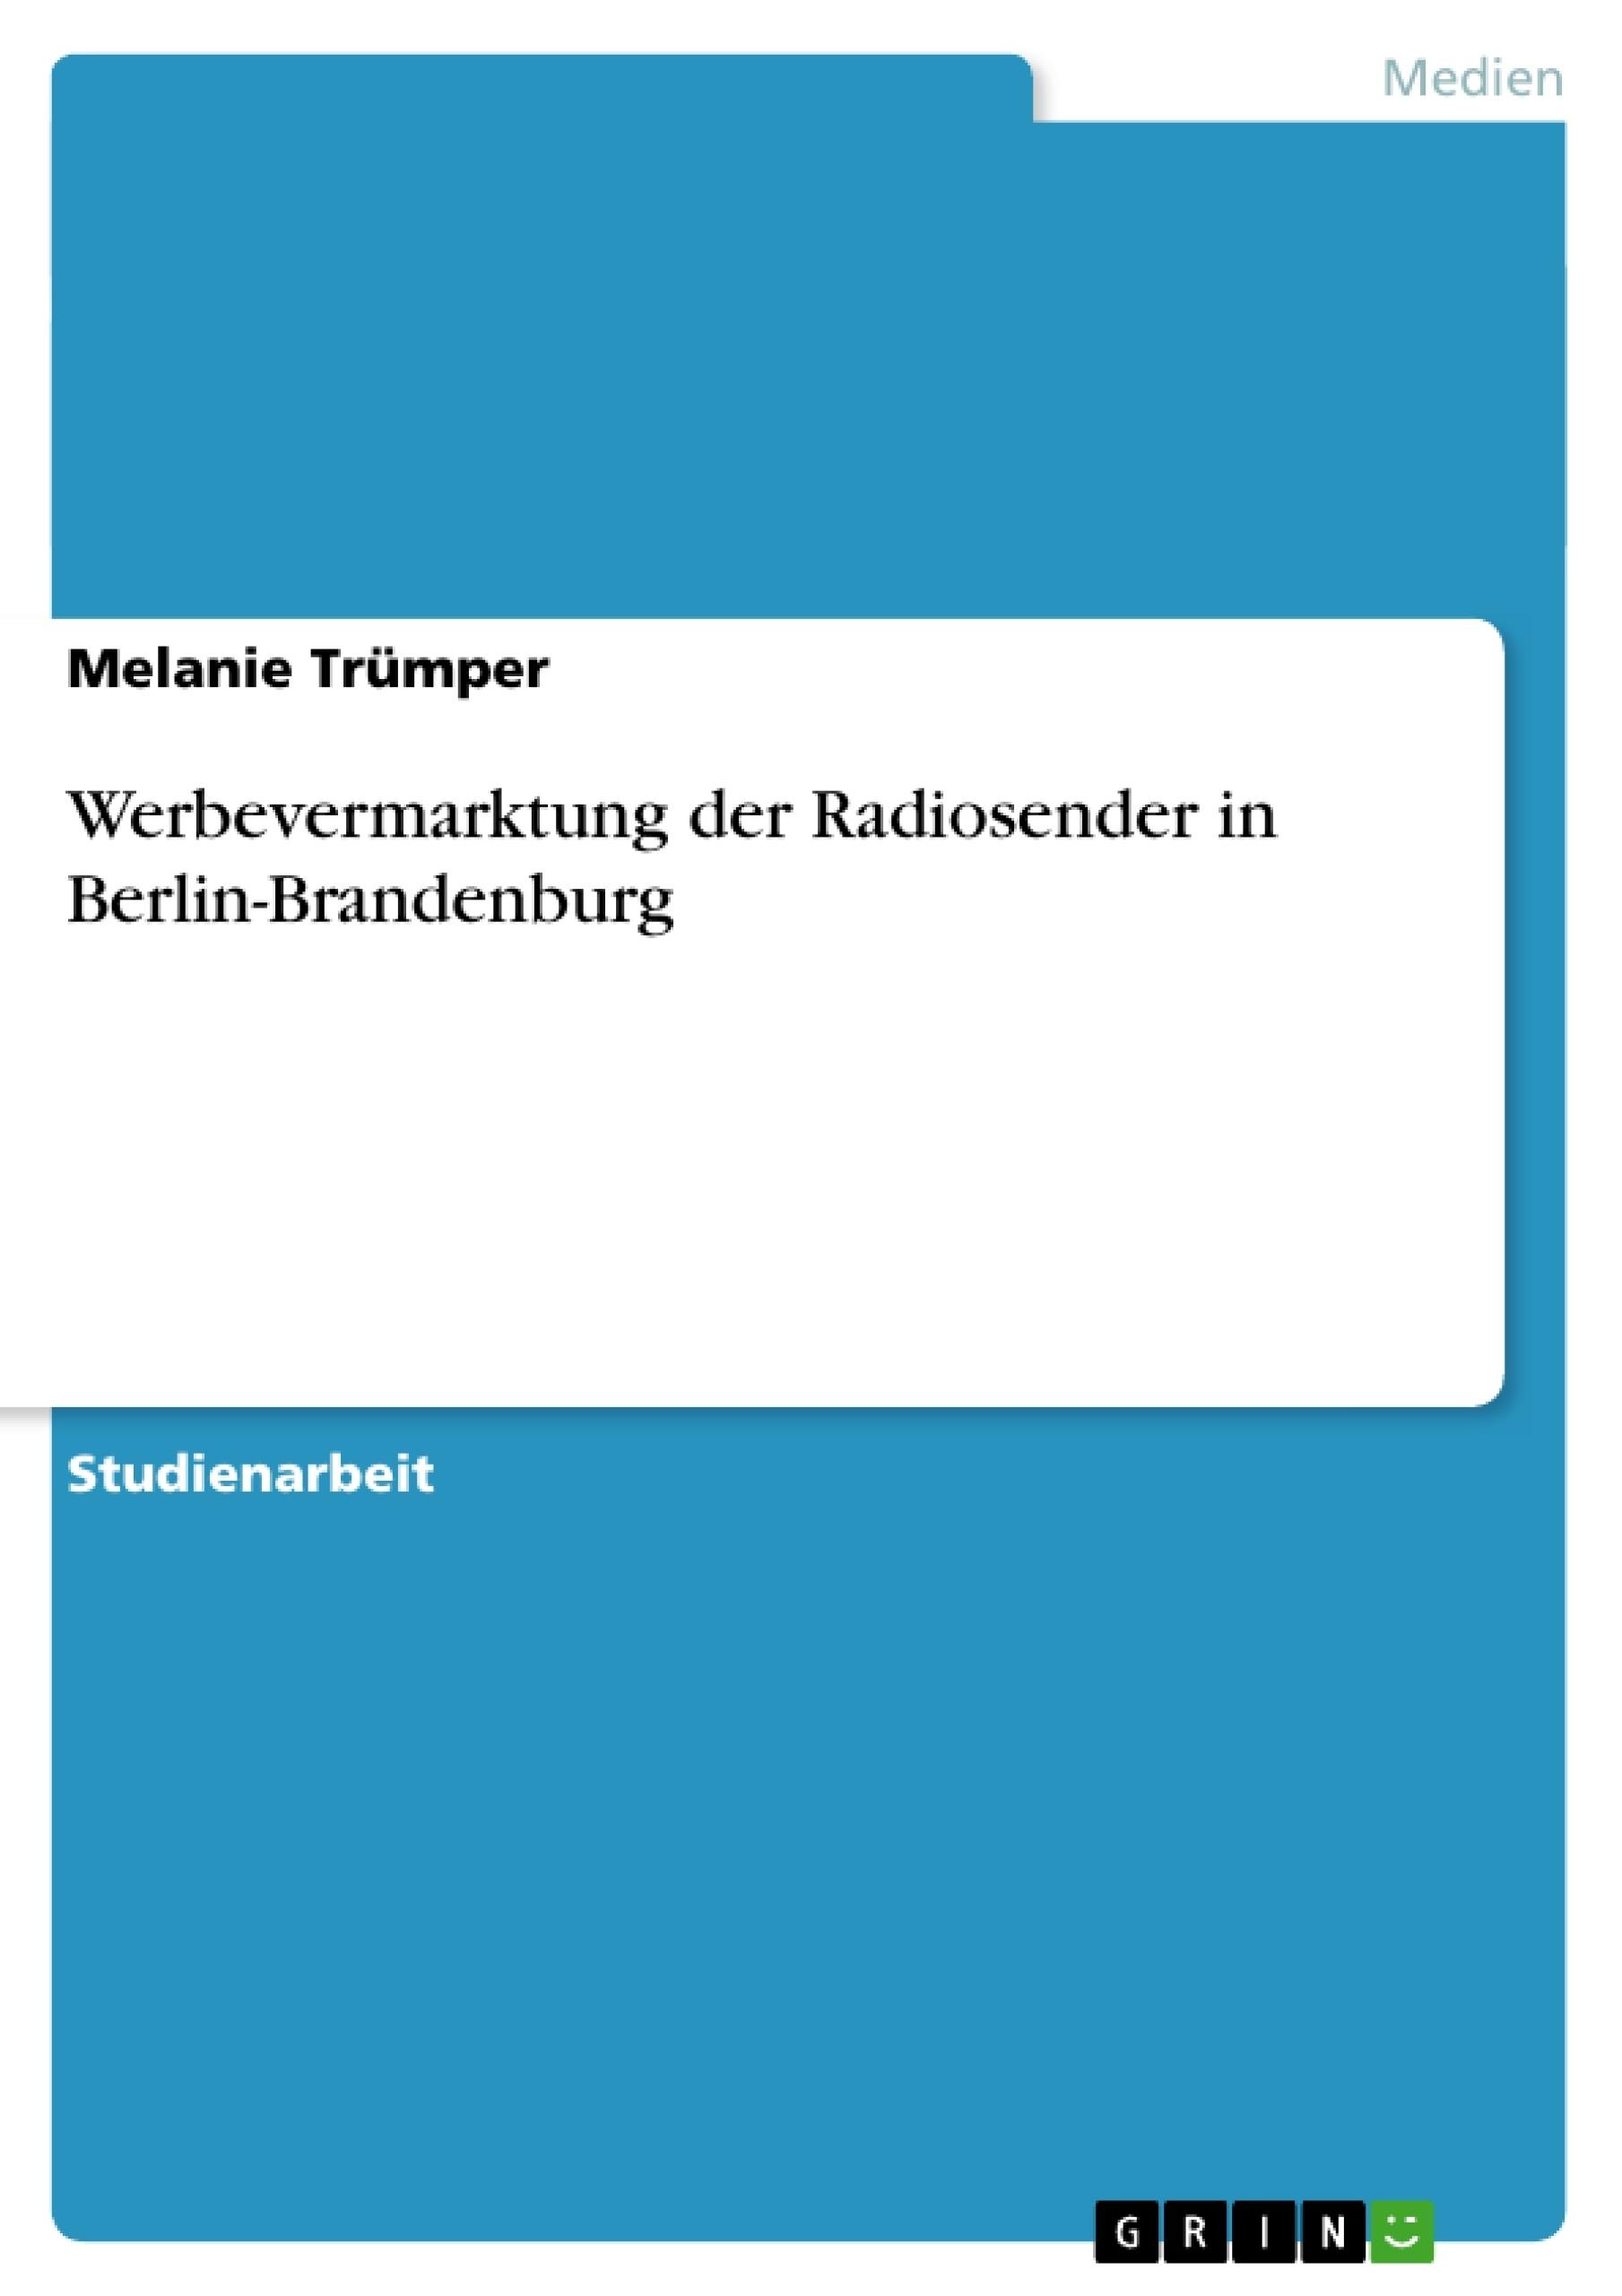 Titel: Werbevermarktung der Radiosender in Berlin-Brandenburg